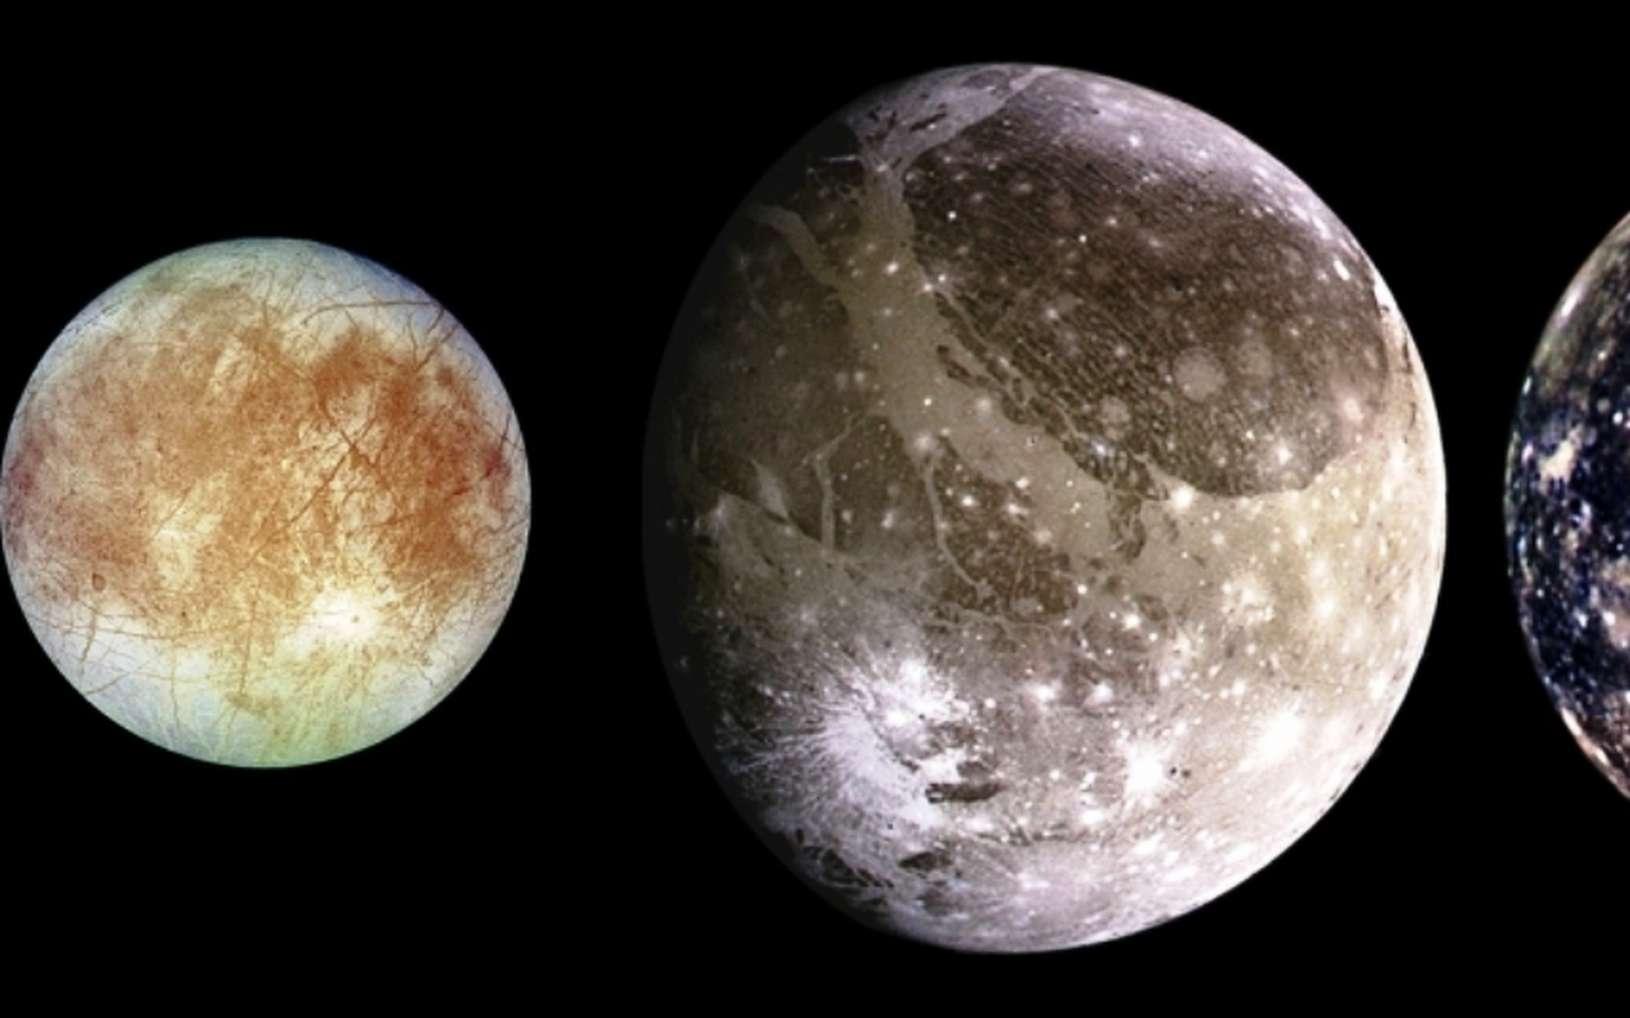 Les quatre plus grandes lunes de Jupiter par ordre de distance de Jupiter : Io, Europa, Ganymède et Callisto. Les tailles relatives sont montrées. © Nasa